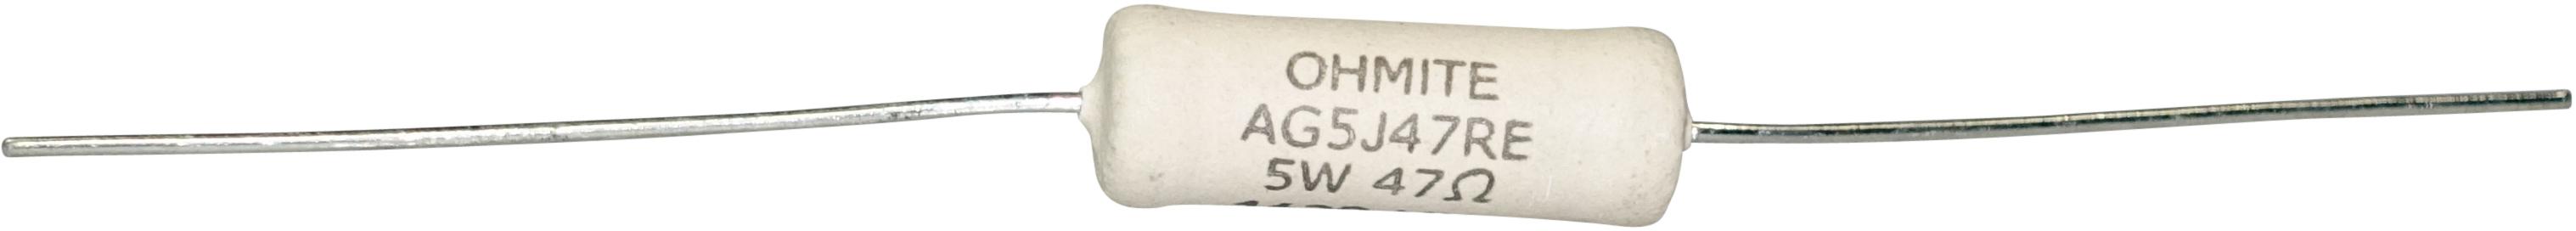 Ohmite Audio Gold 5W - 12 Ohm